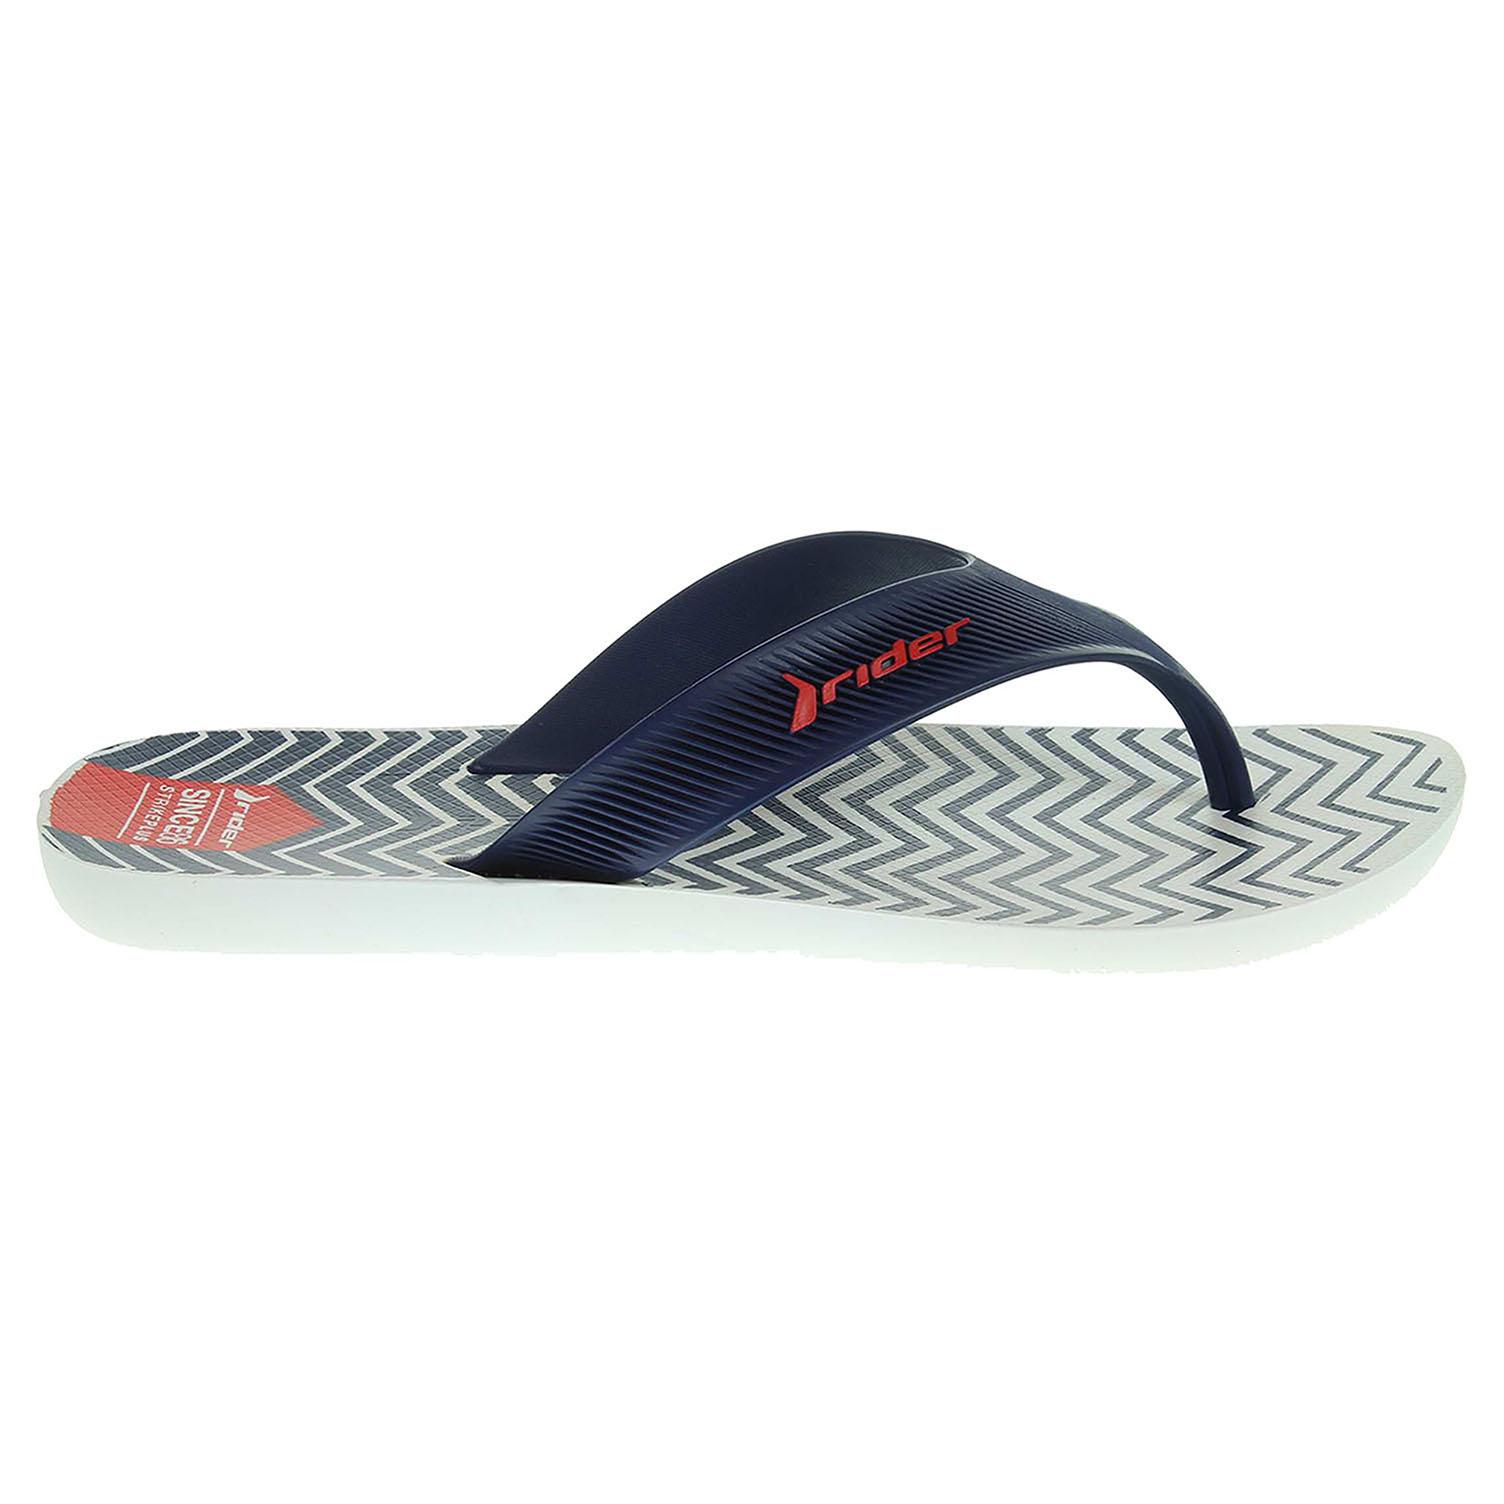 Ecco Rider pánské plážové pantofle 11073 21192 modré 24500134